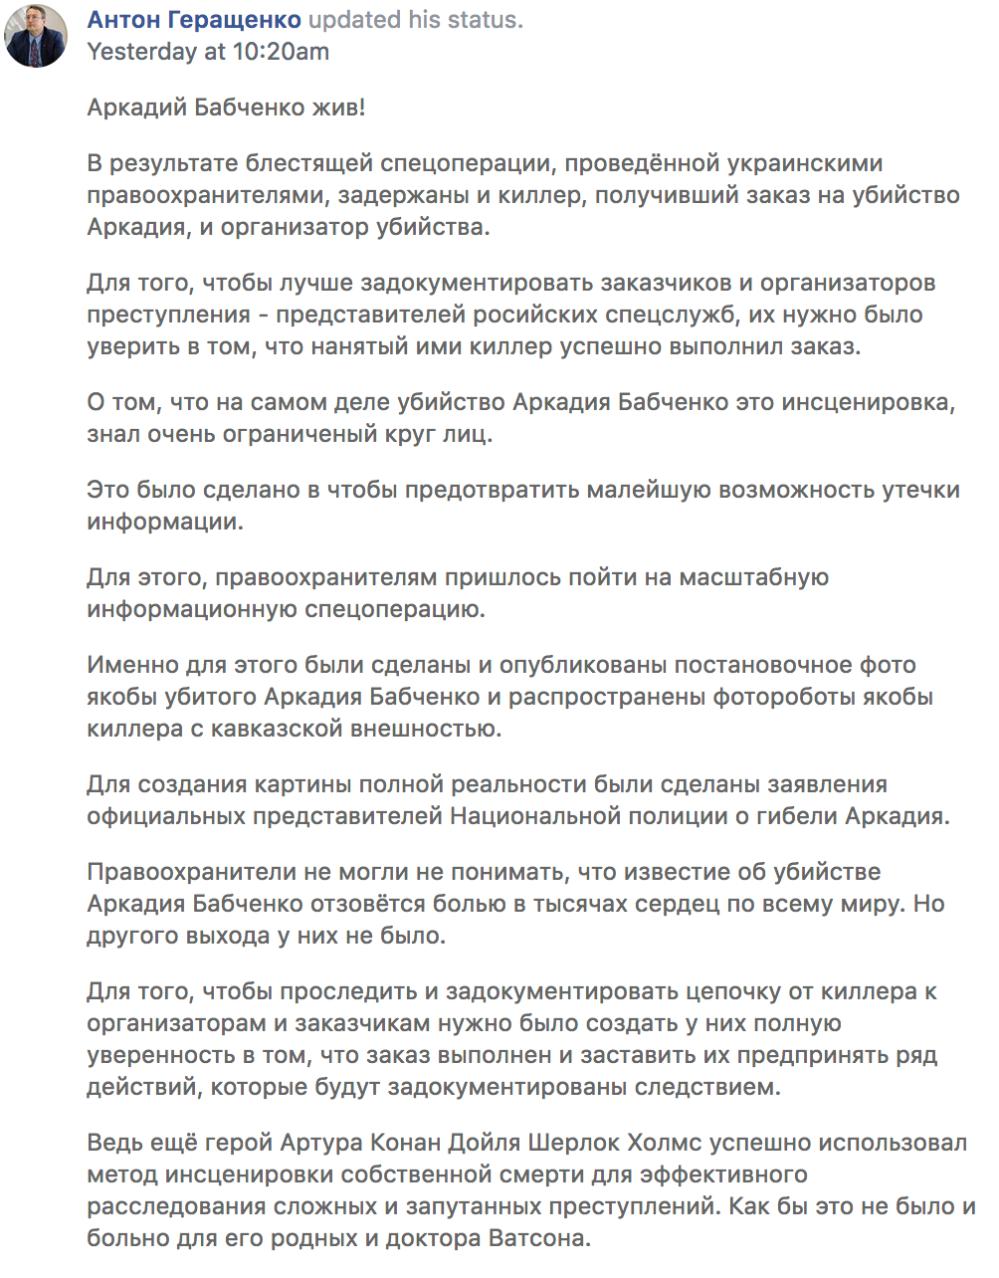 Gerashchenko Post on Sherlock Holmes